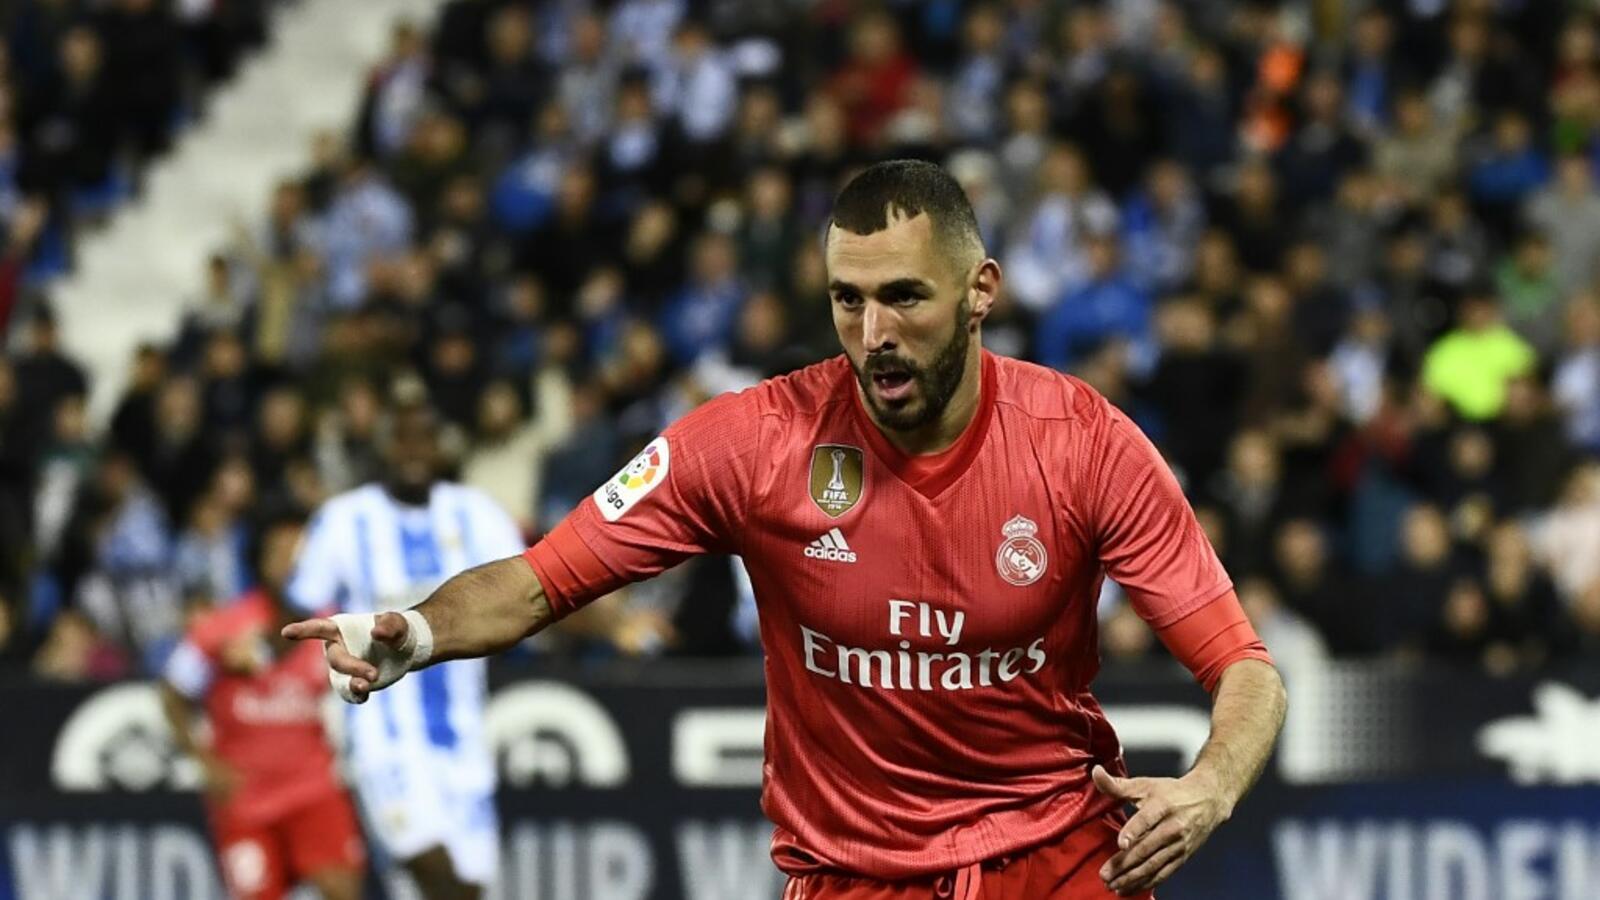 إنجاز غير مسبوق من لاعب ريال مدريد كريم بنزيما